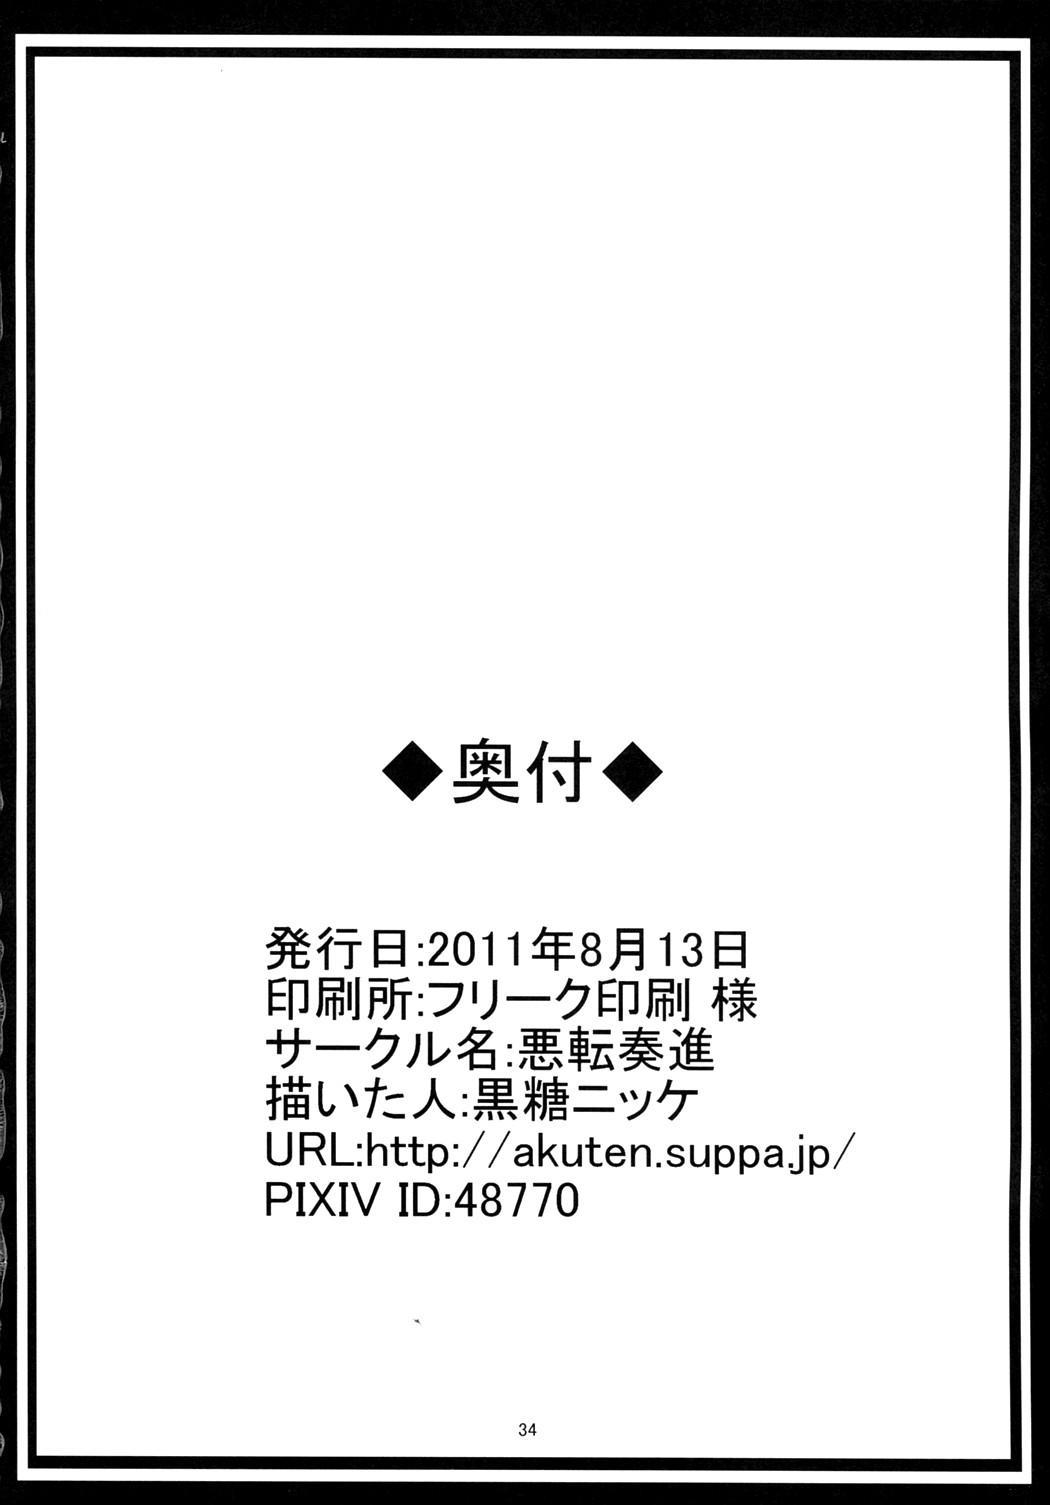 Shokushu Naedoko ni Natta Sanae-san ga Suwa ko wo Yokubou no Mama Musaboru Moriya Jinja 32